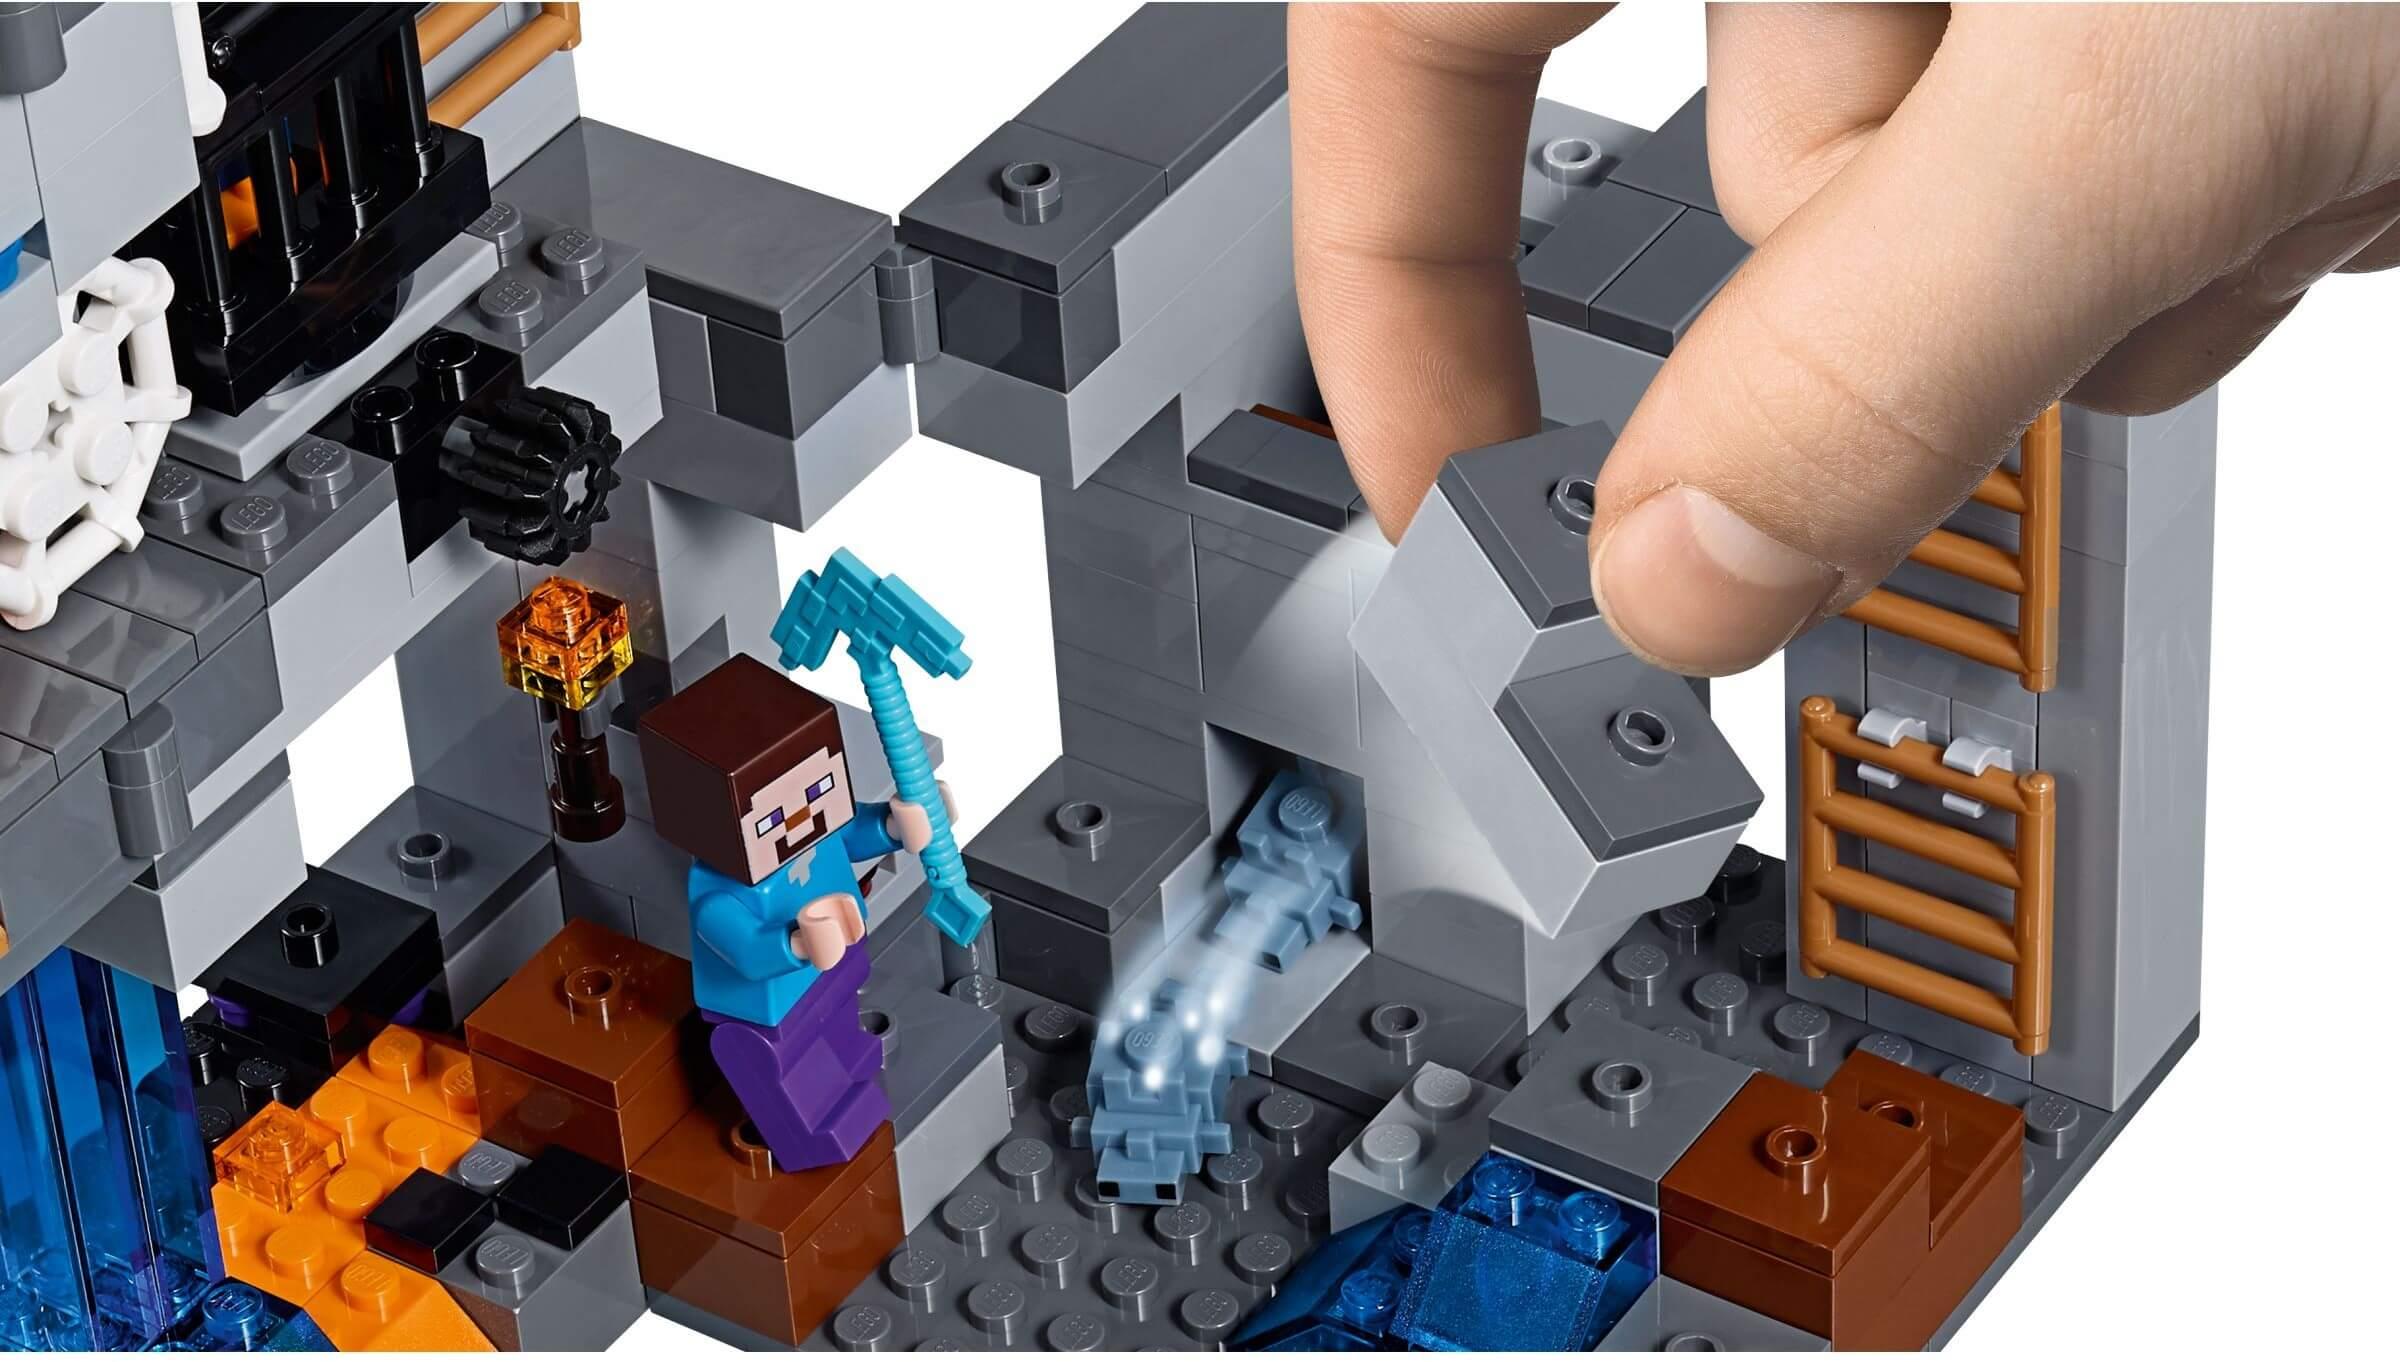 Mua đồ chơi LEGO 21147 - LEGO Minecraft 21147 - Cuộc Thám Hiểm dưới Lòng Đất (LEGO 21147 The Bedrock Adventures)